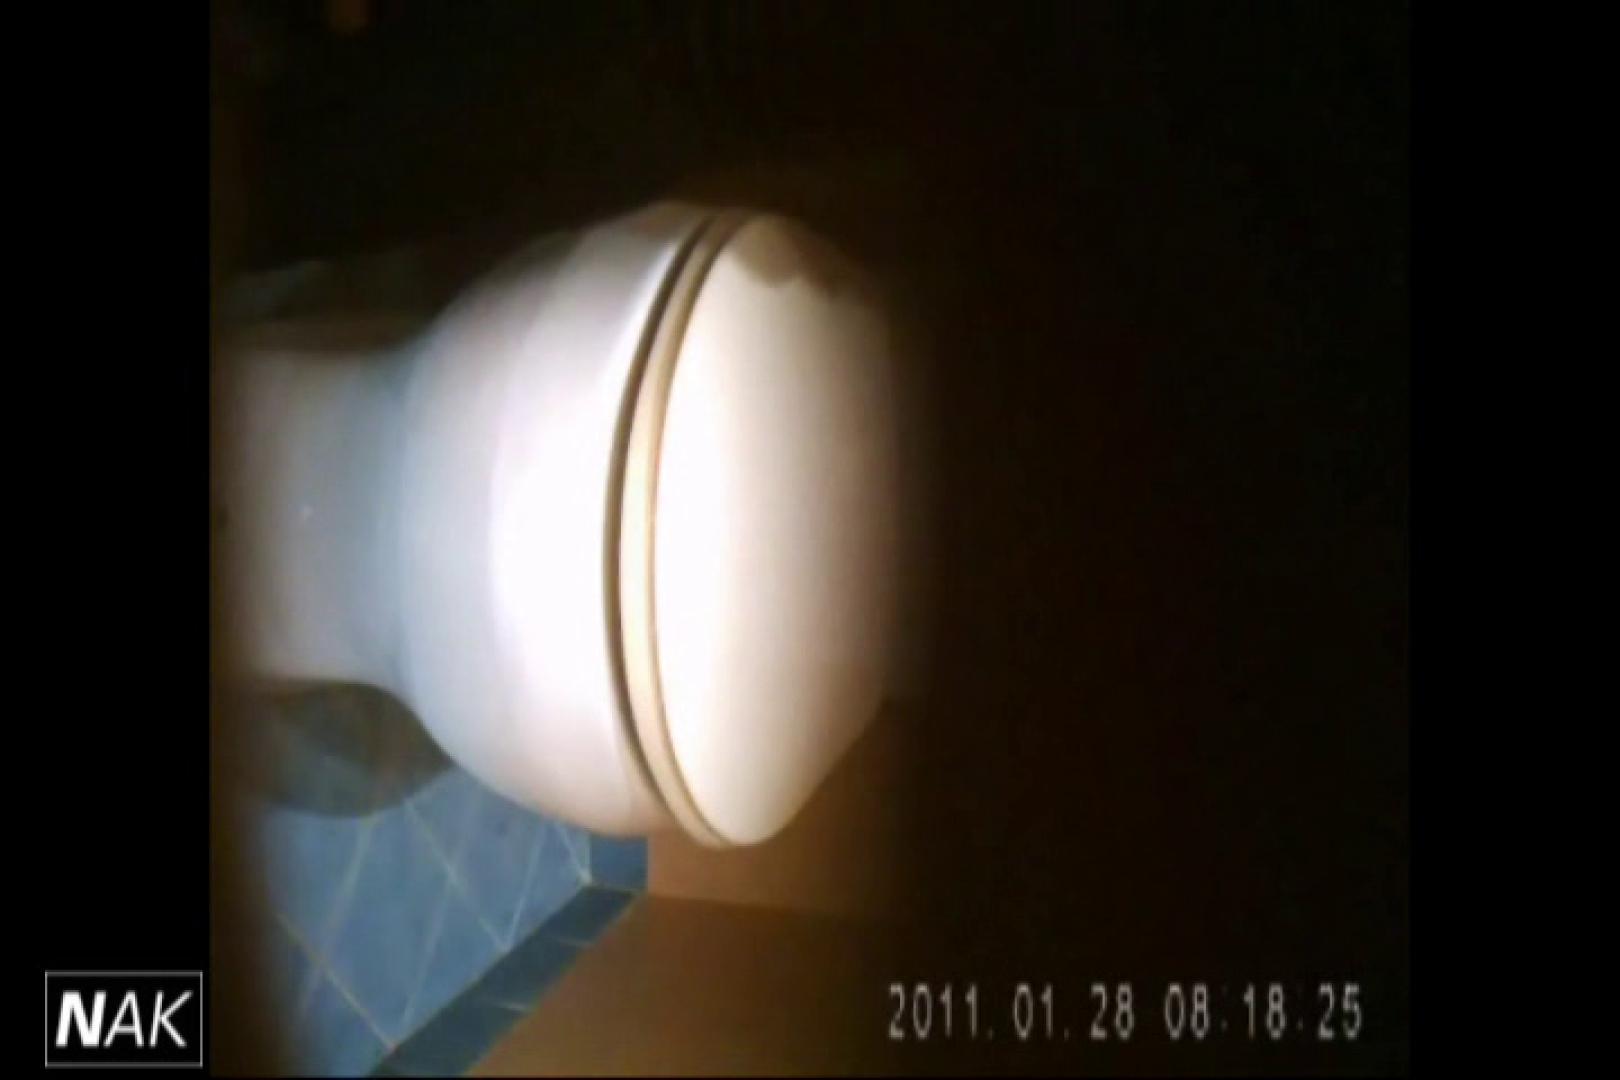 せん八さんの厠観察日記!2点監視カメラ 高画質5000K vol.15 高画質 盗撮AV動画キャプチャ 89画像 24